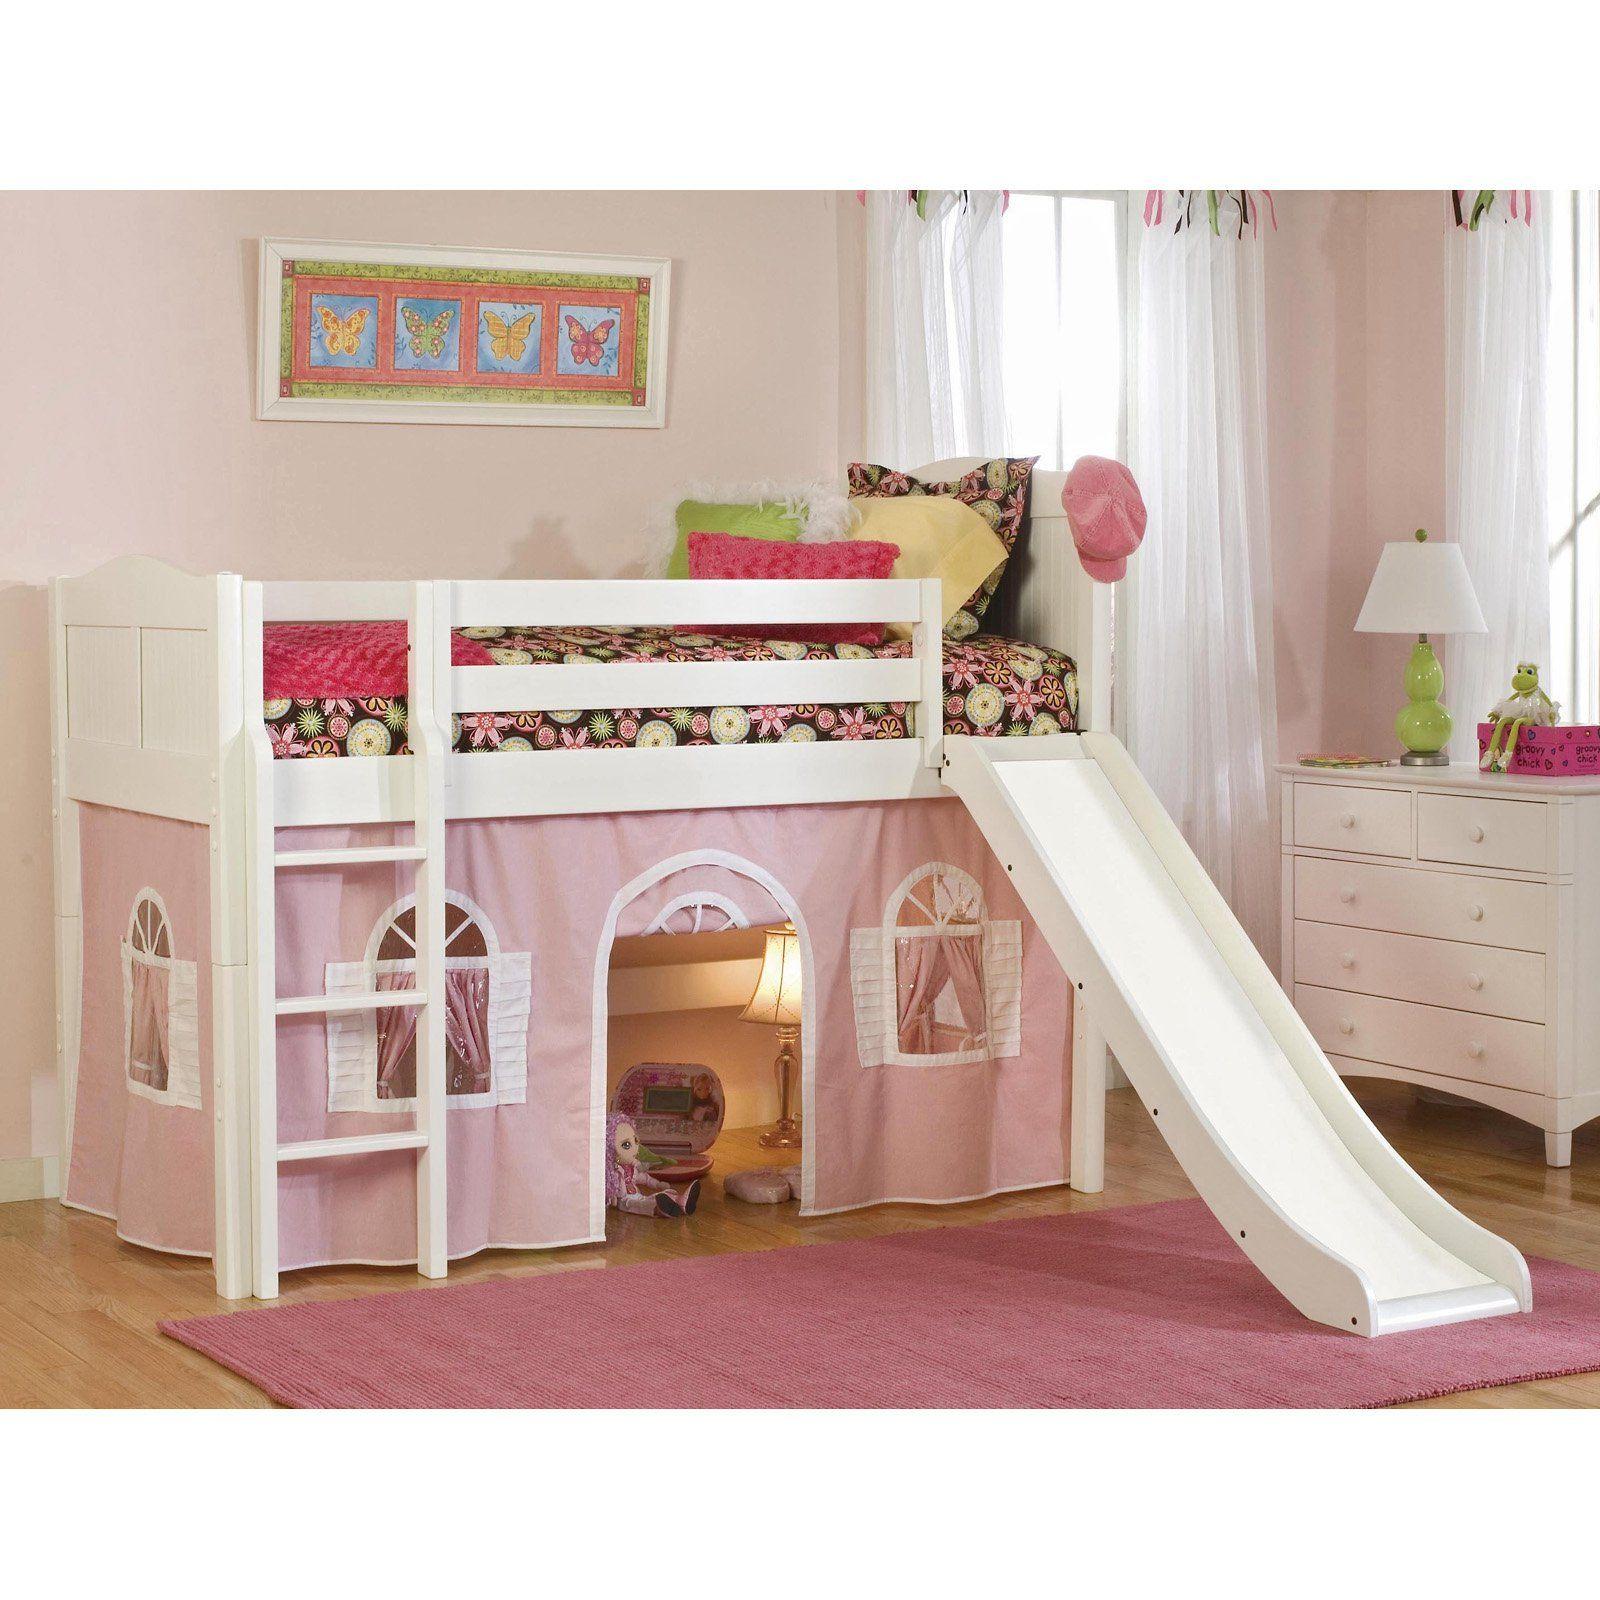 Günstige Etagenbett Zum Verkauf Abnehmbare Etagenbett Für Kinder Weiß Etagenbett Mit Treppe Kleinkind Etagenbett Zum Verkauf Bett